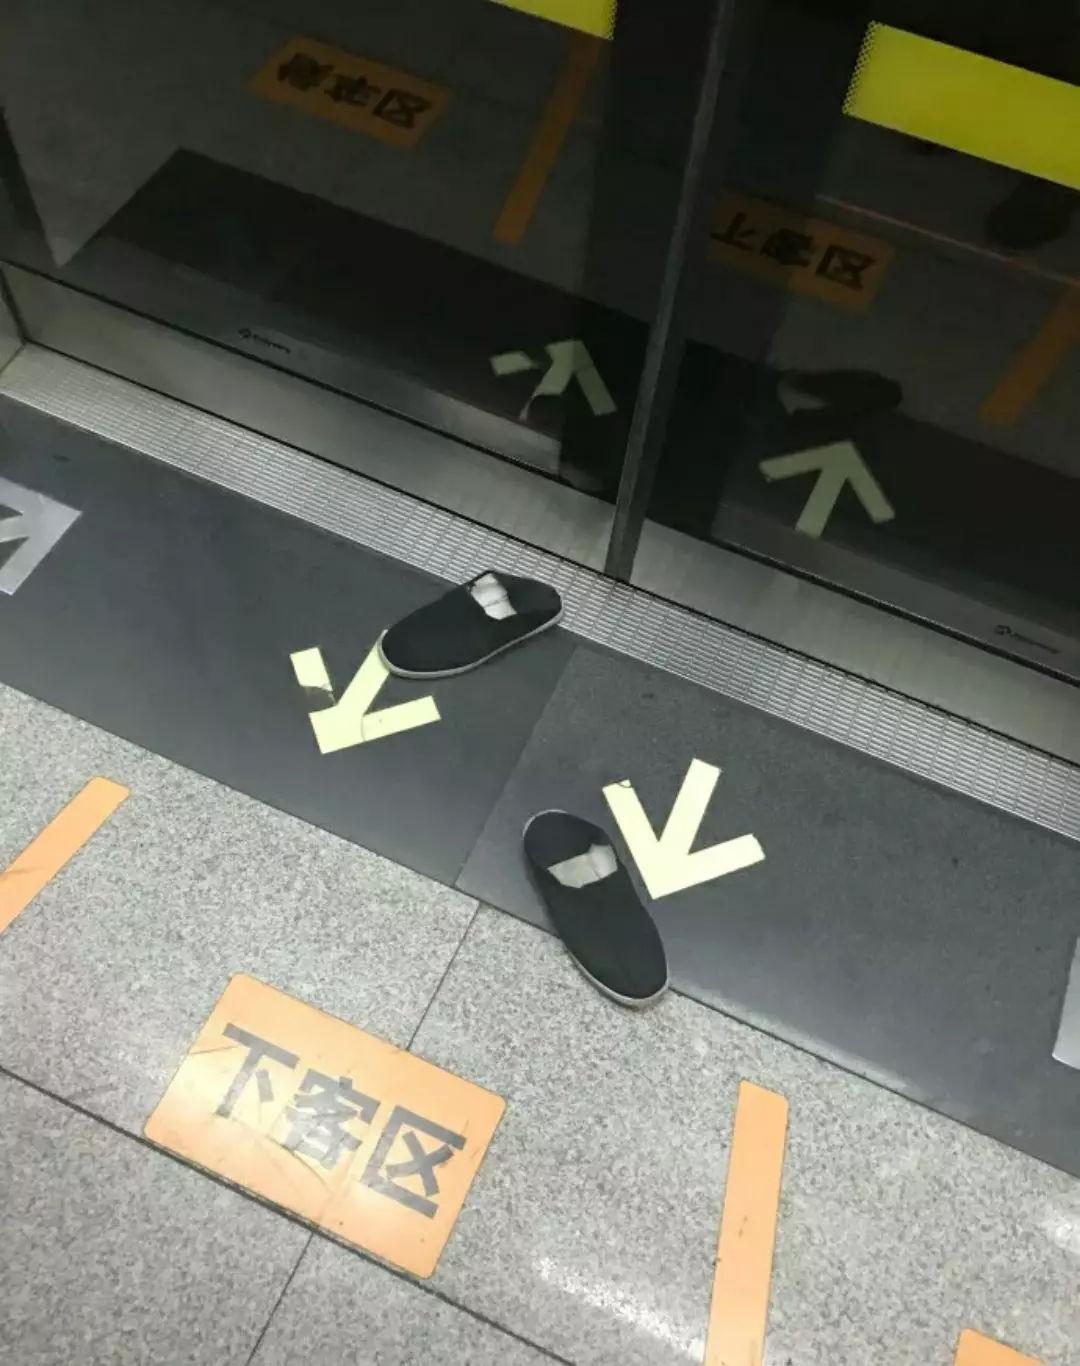 地铁上男子赤脚横躺座椅,乘客将其鞋子踢下地铁,网友:解气!